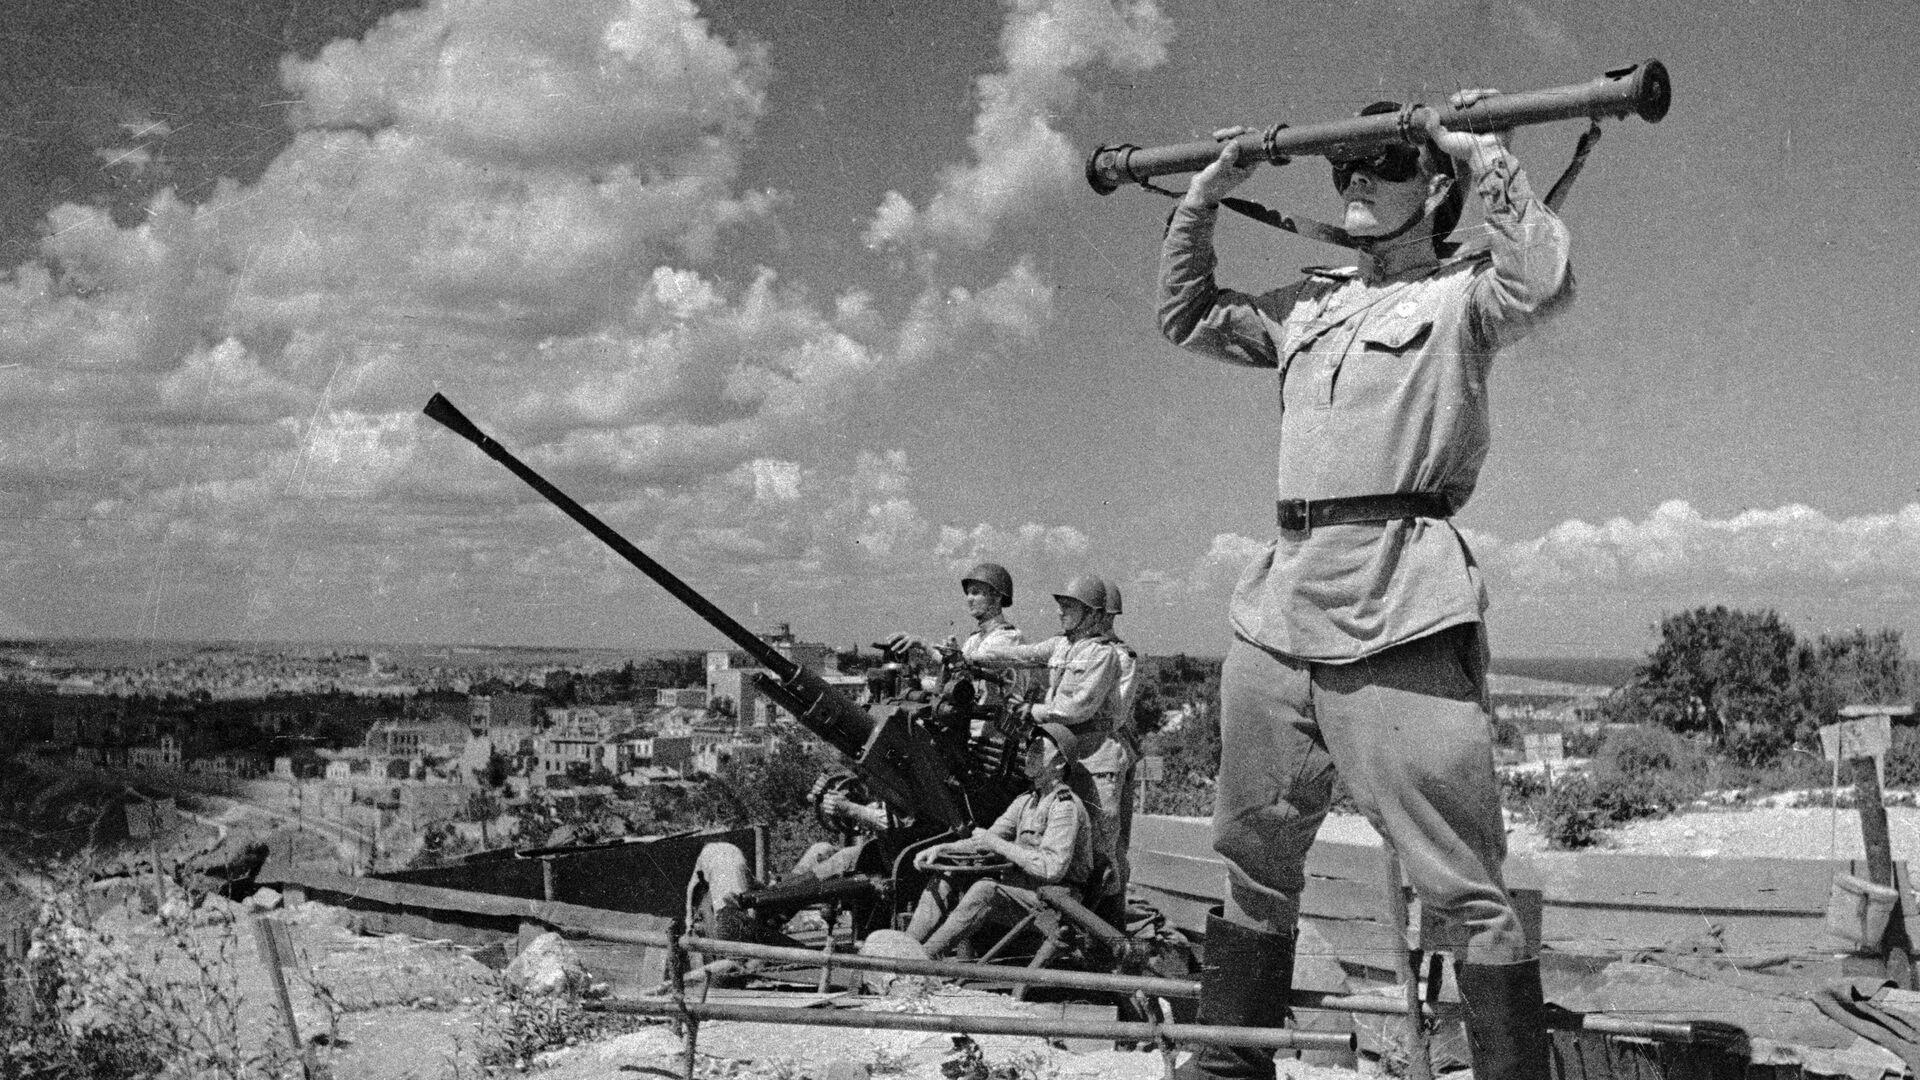 Зенитчики охраняют небо над освобожденным Севастополем - РИА Новости, 1920, 11.05.2020